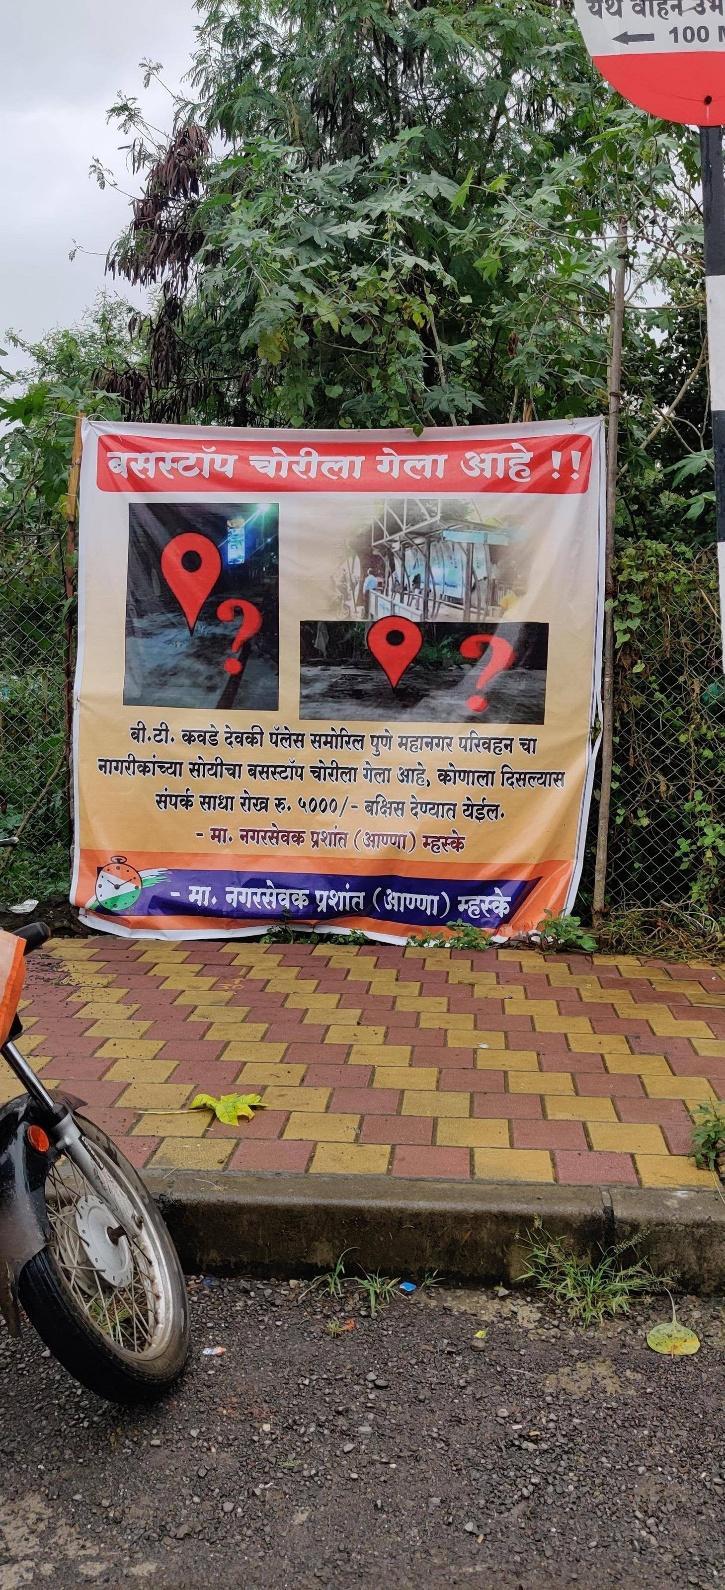 Bus Stop In Pune Got 'Stolen' In Pune